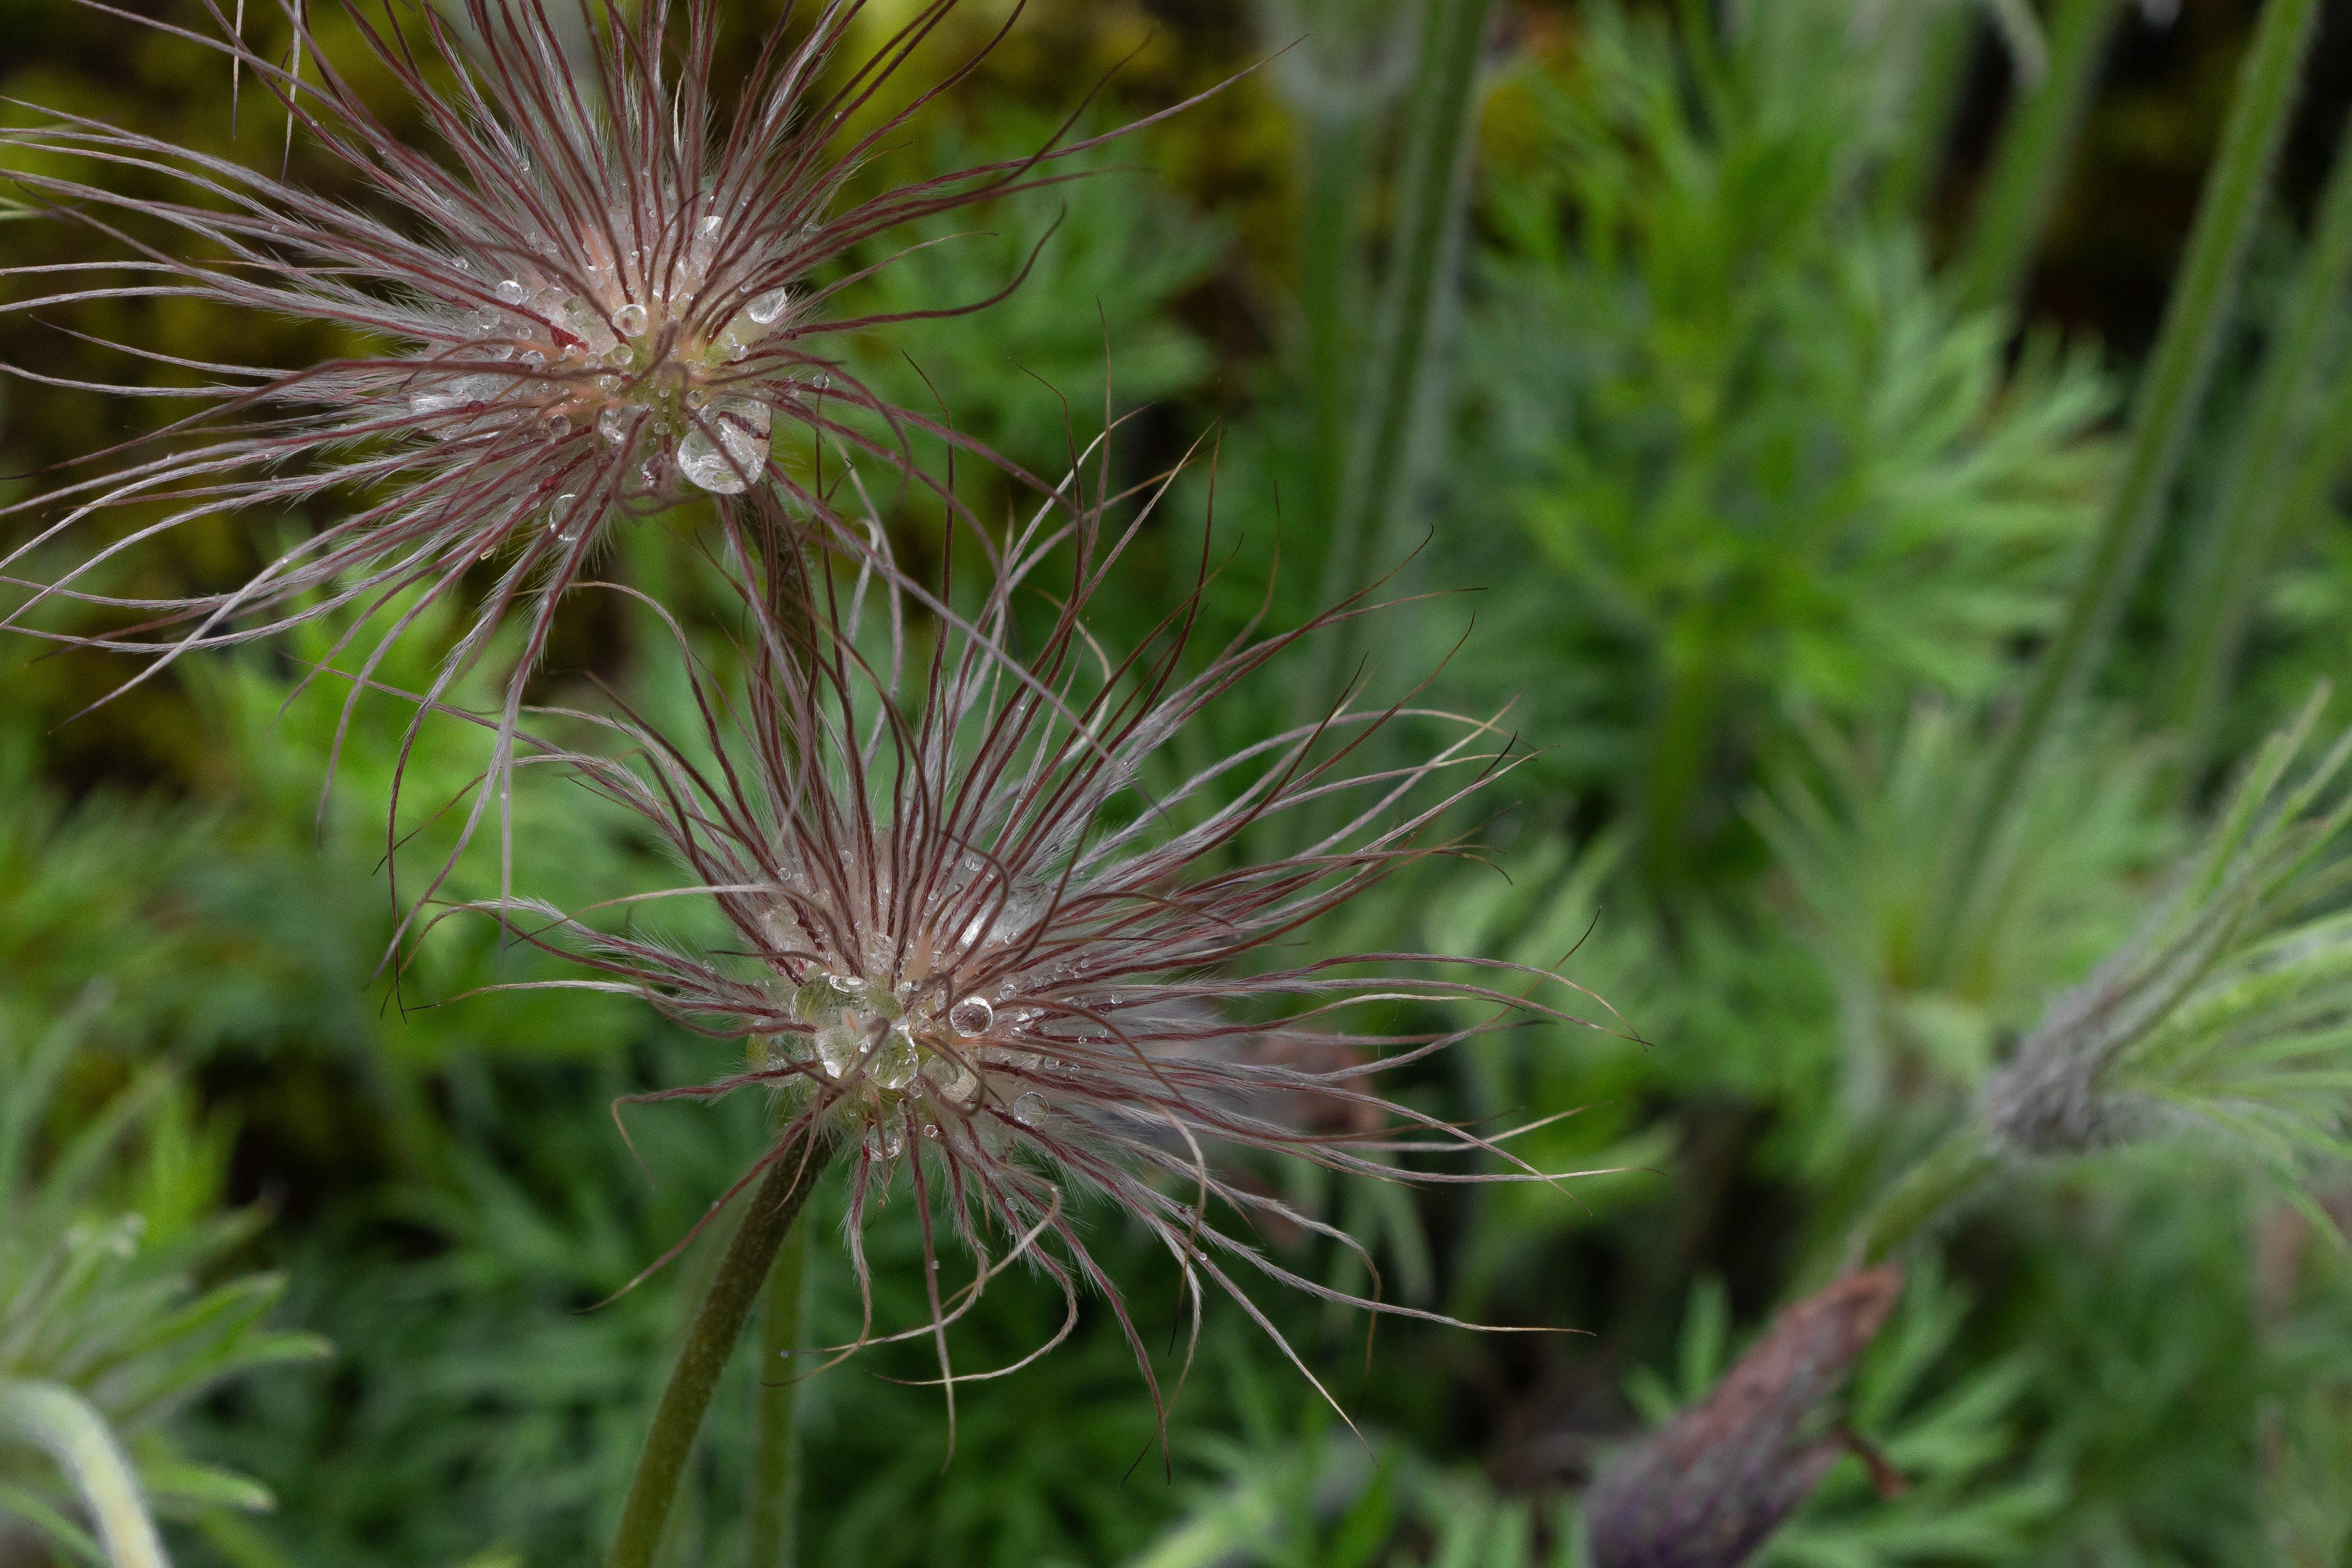 Foto profissional grátis de açafrão da pradaria, beleza da natureza, beleza na natureza, botânico